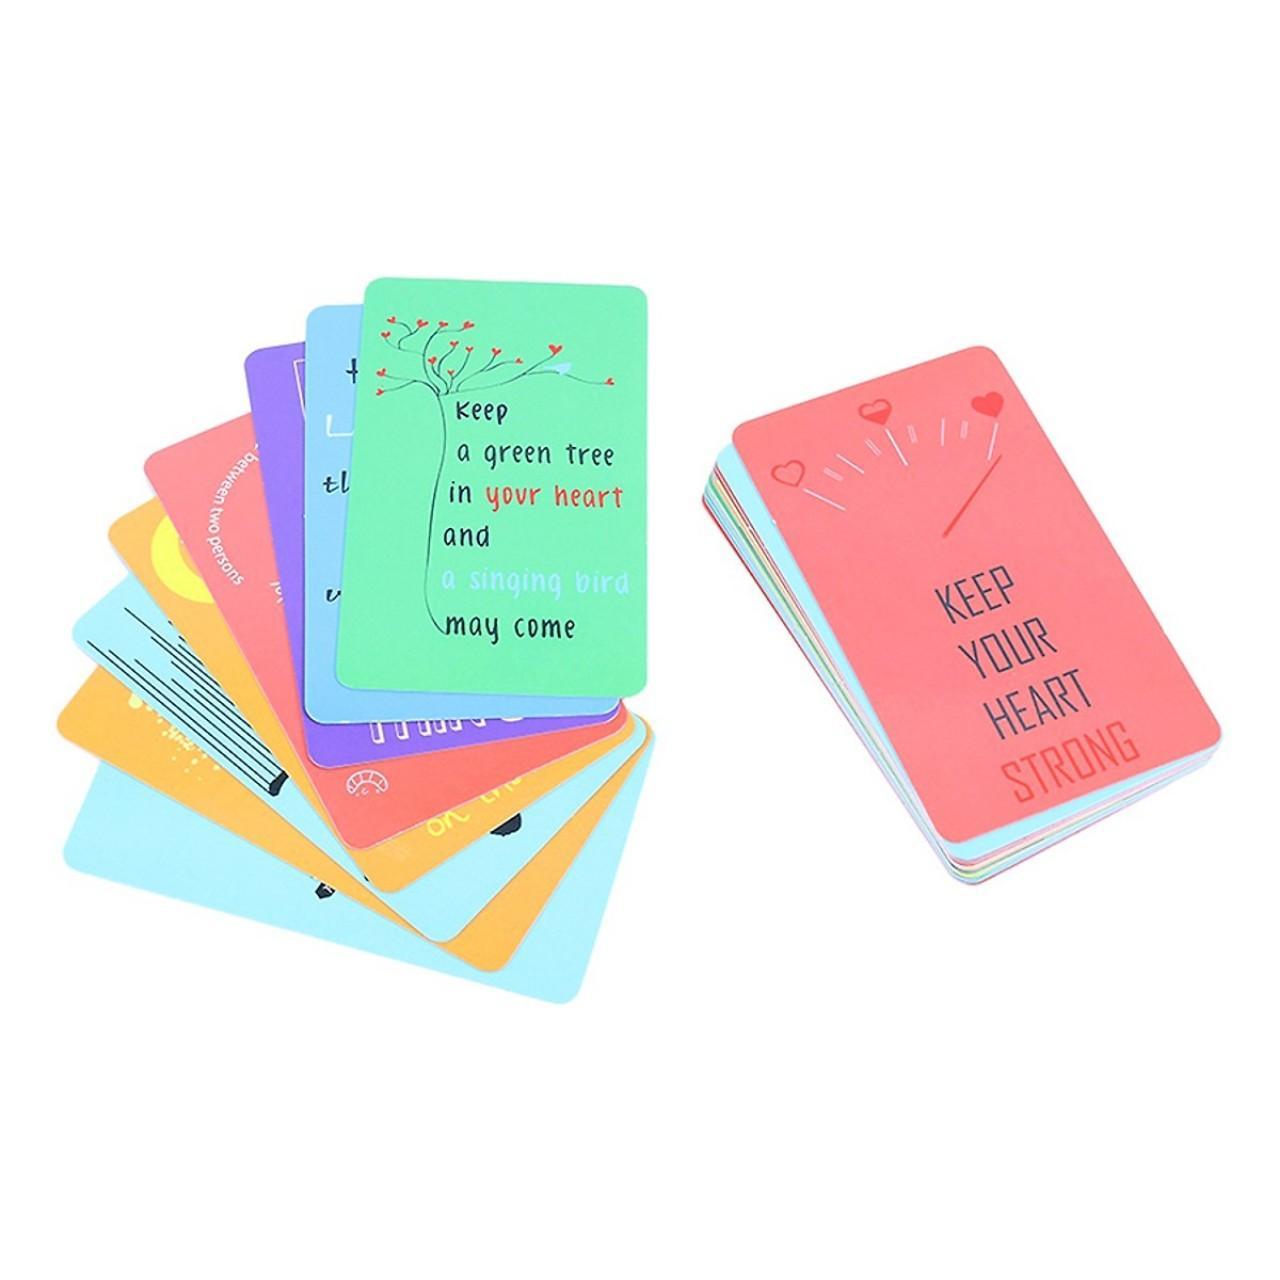 Combo Sách Làm Thay Đổi Phái Đẹp: [Madame Chic] Rất Thần Thái, Rất Paris (Khí Chất Đắt Giá Bất Truyền Của Quý Cô Sành Điệu) + Thánh Kinh Dưỡng Da / Tặng Kèm Bookmark Happy Life